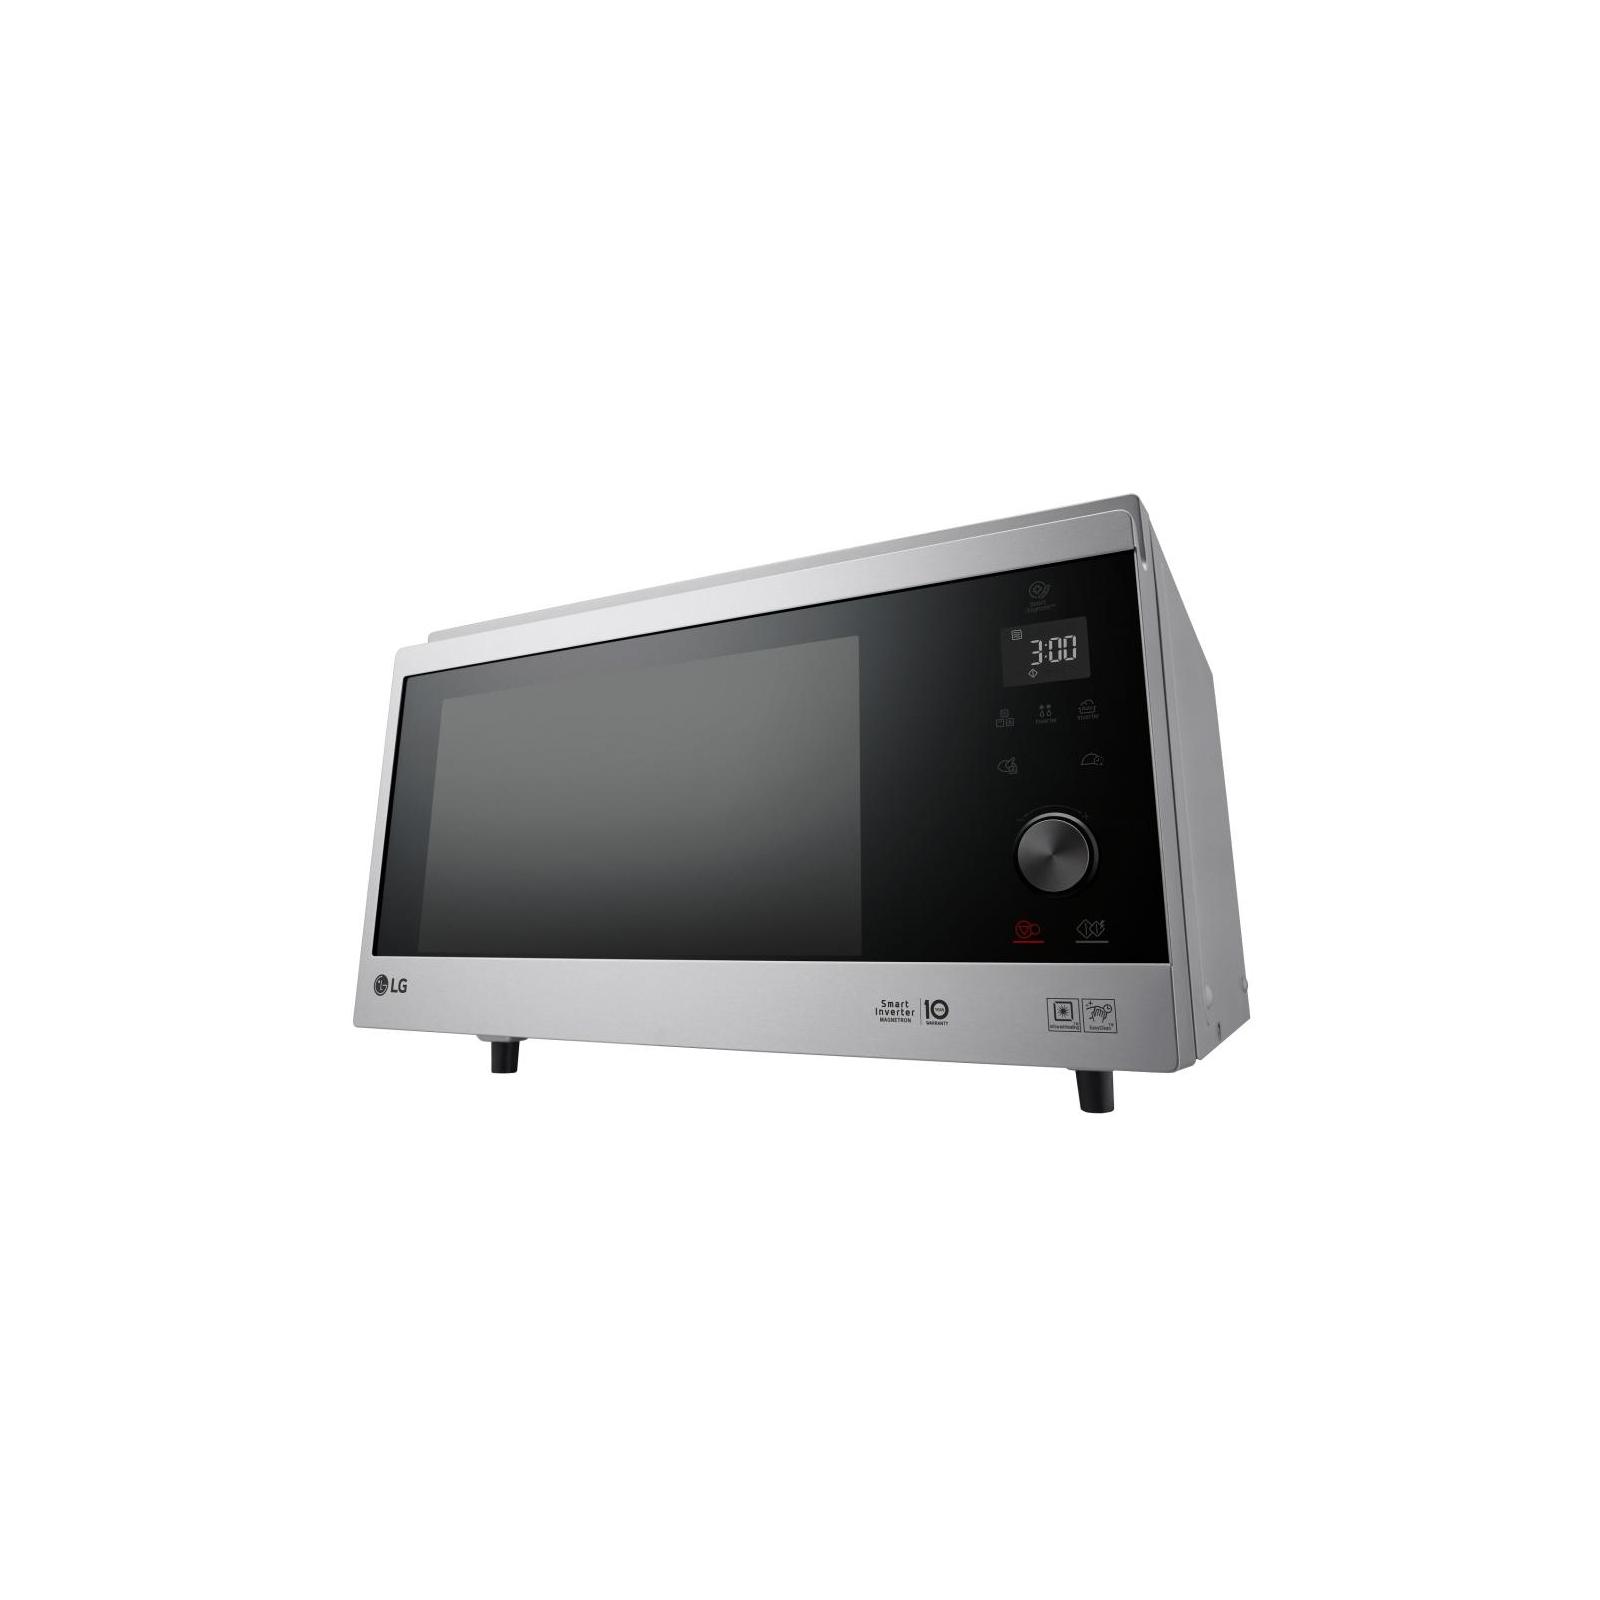 Микроволновая печь LG MJ3965AIS изображение 4